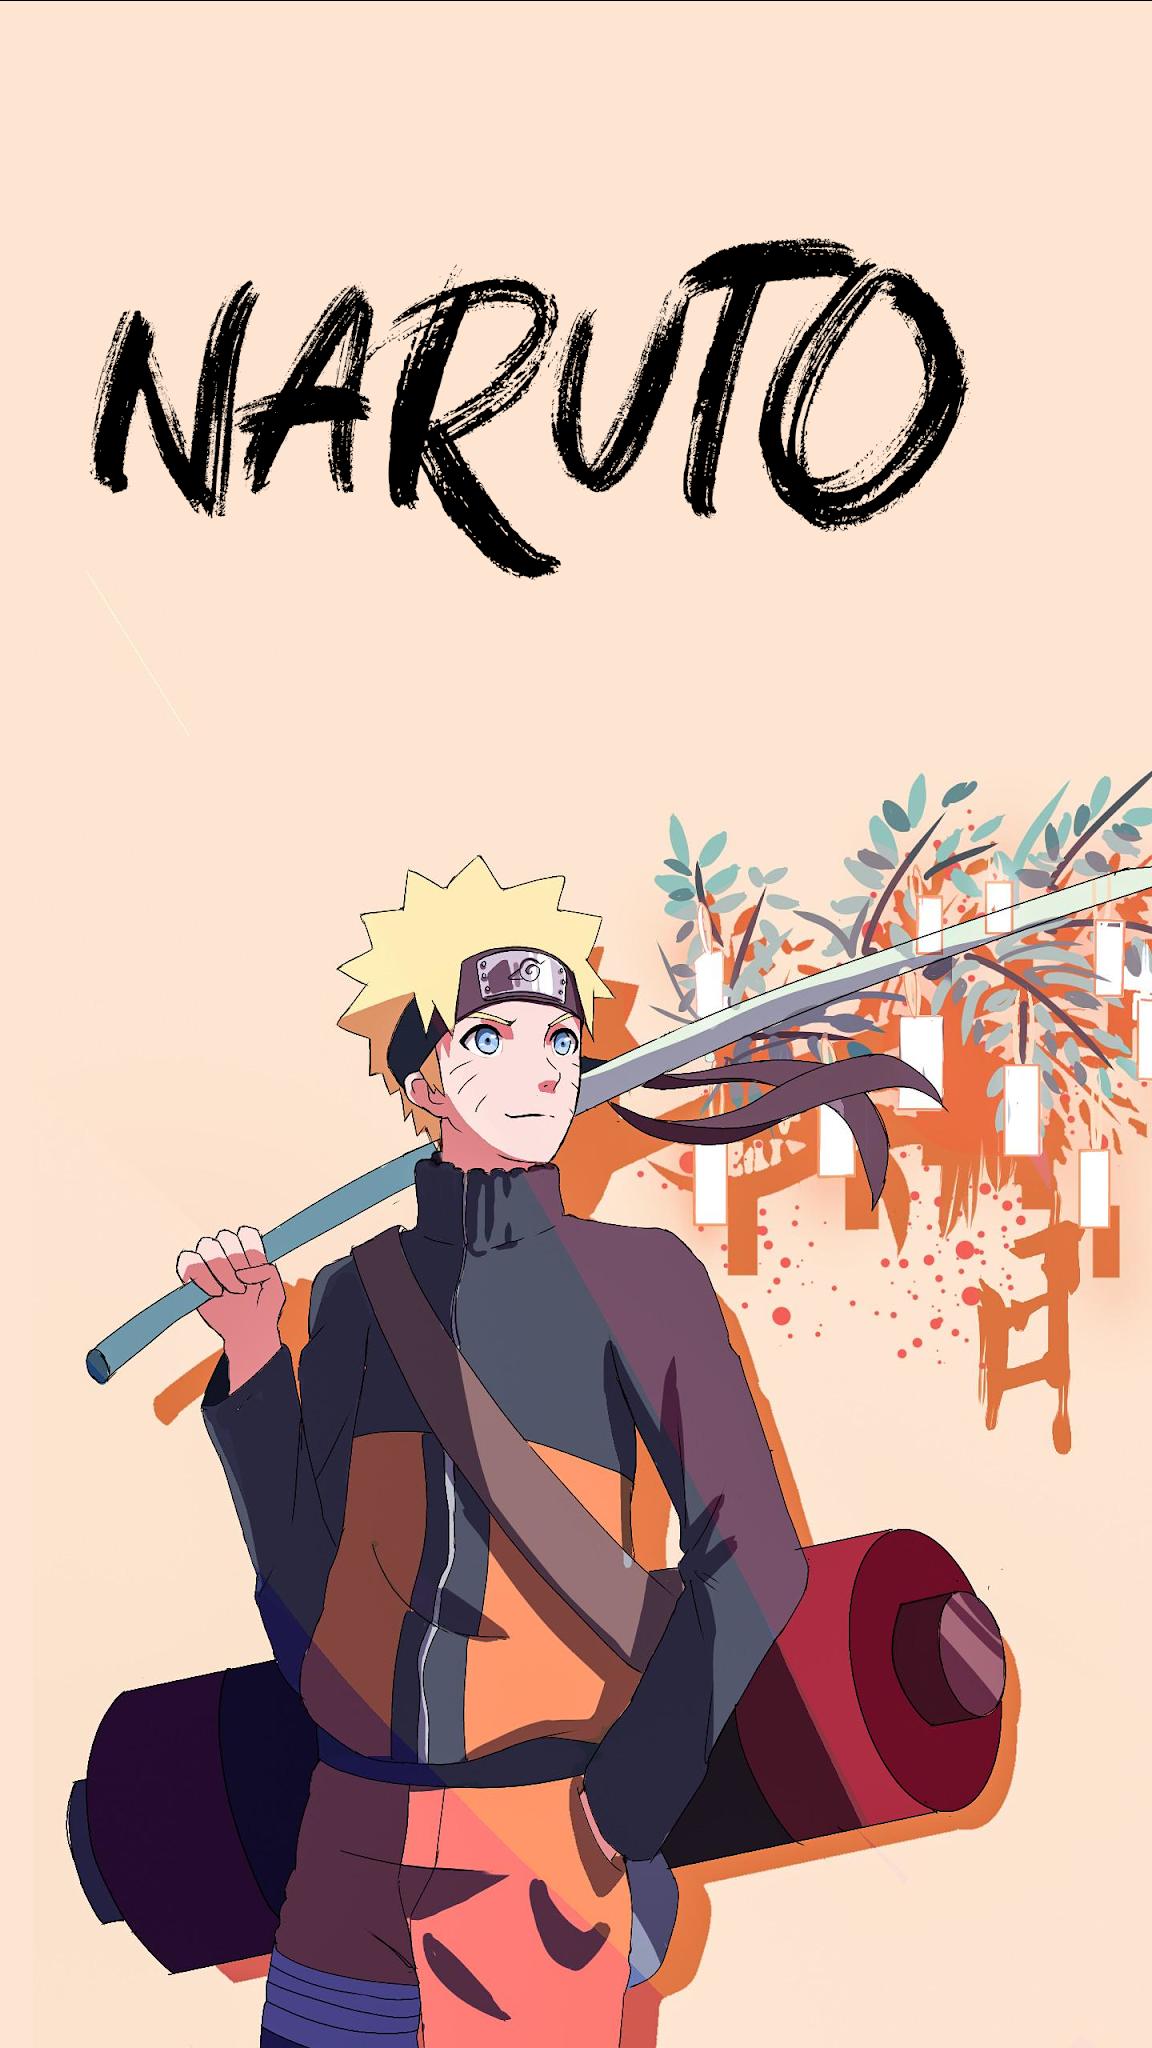 Naruto Uzumaki Anime Wallpaper In 2021 Naruto Wallpaper Naruto Wallpaper Iphone Anime Wallpaper Download